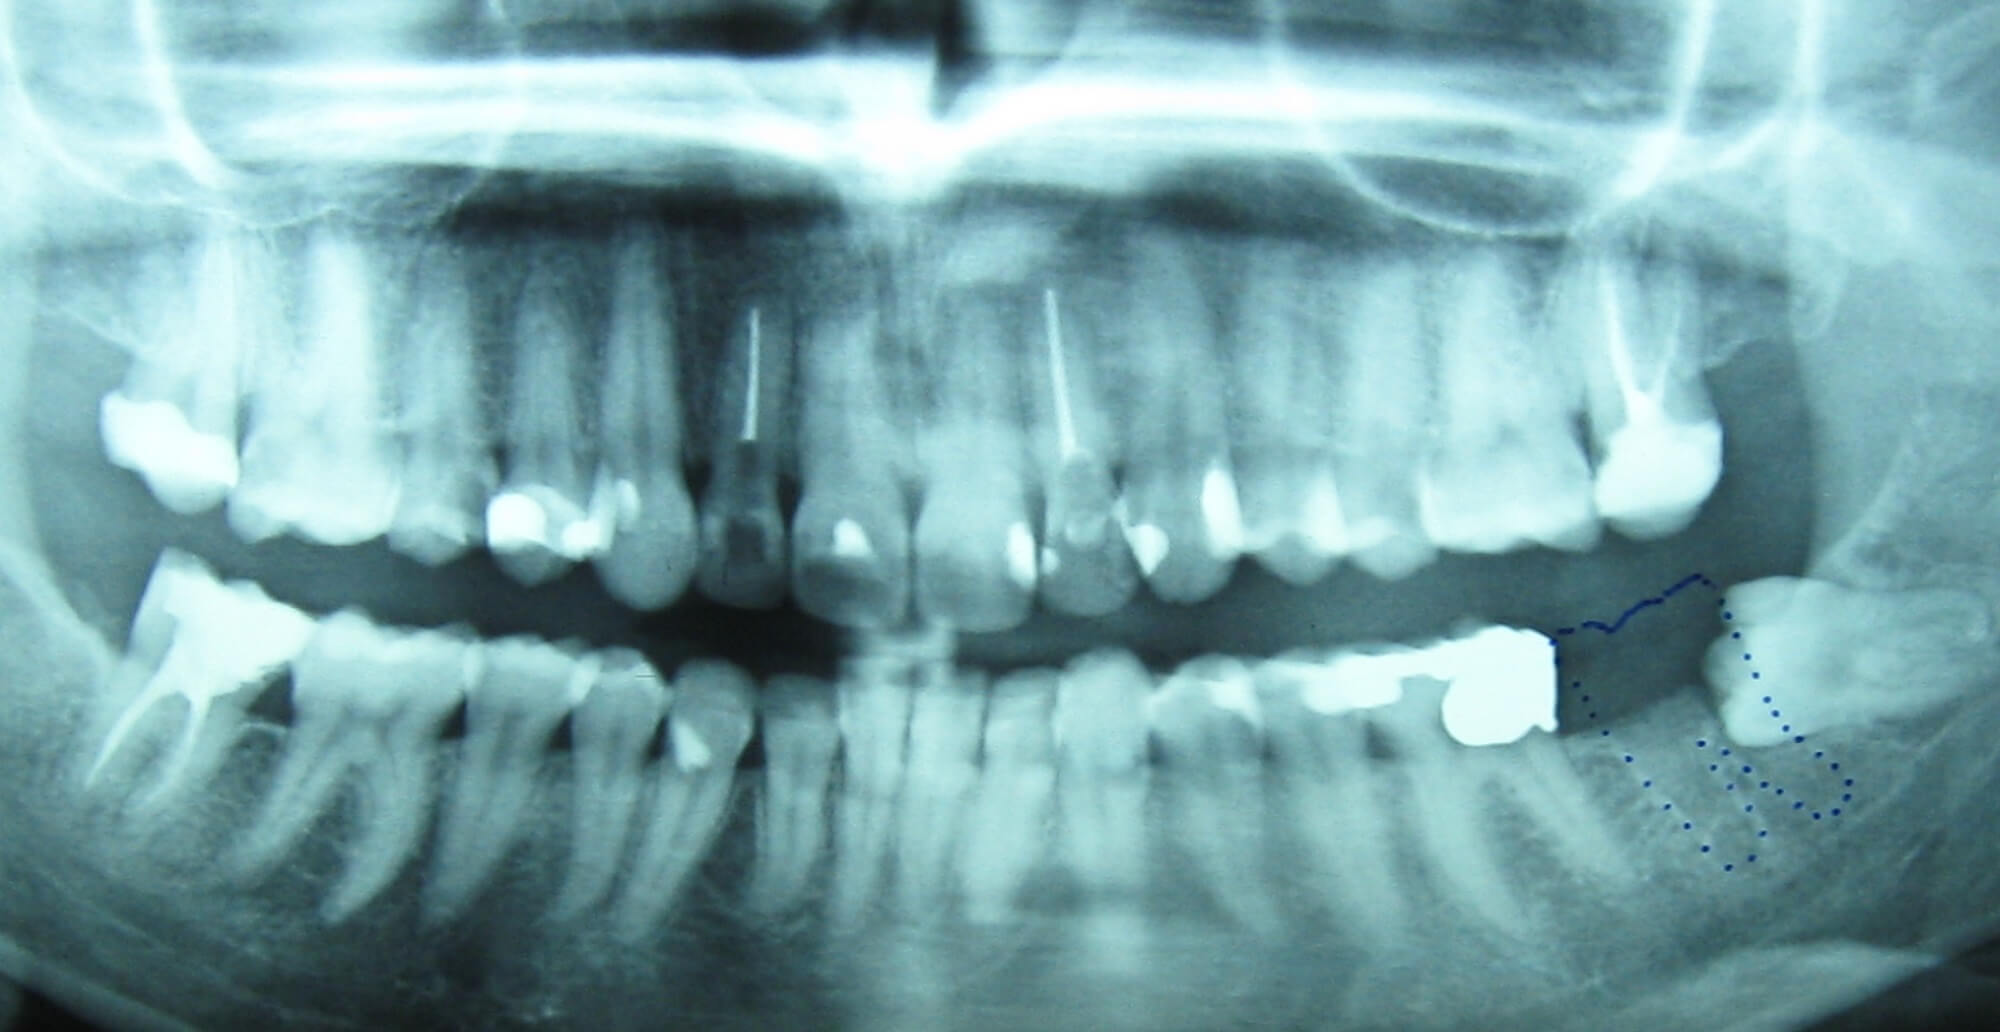 Εξαγωγή έγκλειστου φρονιμίτη - Οδοντίατρος Κατερίνη